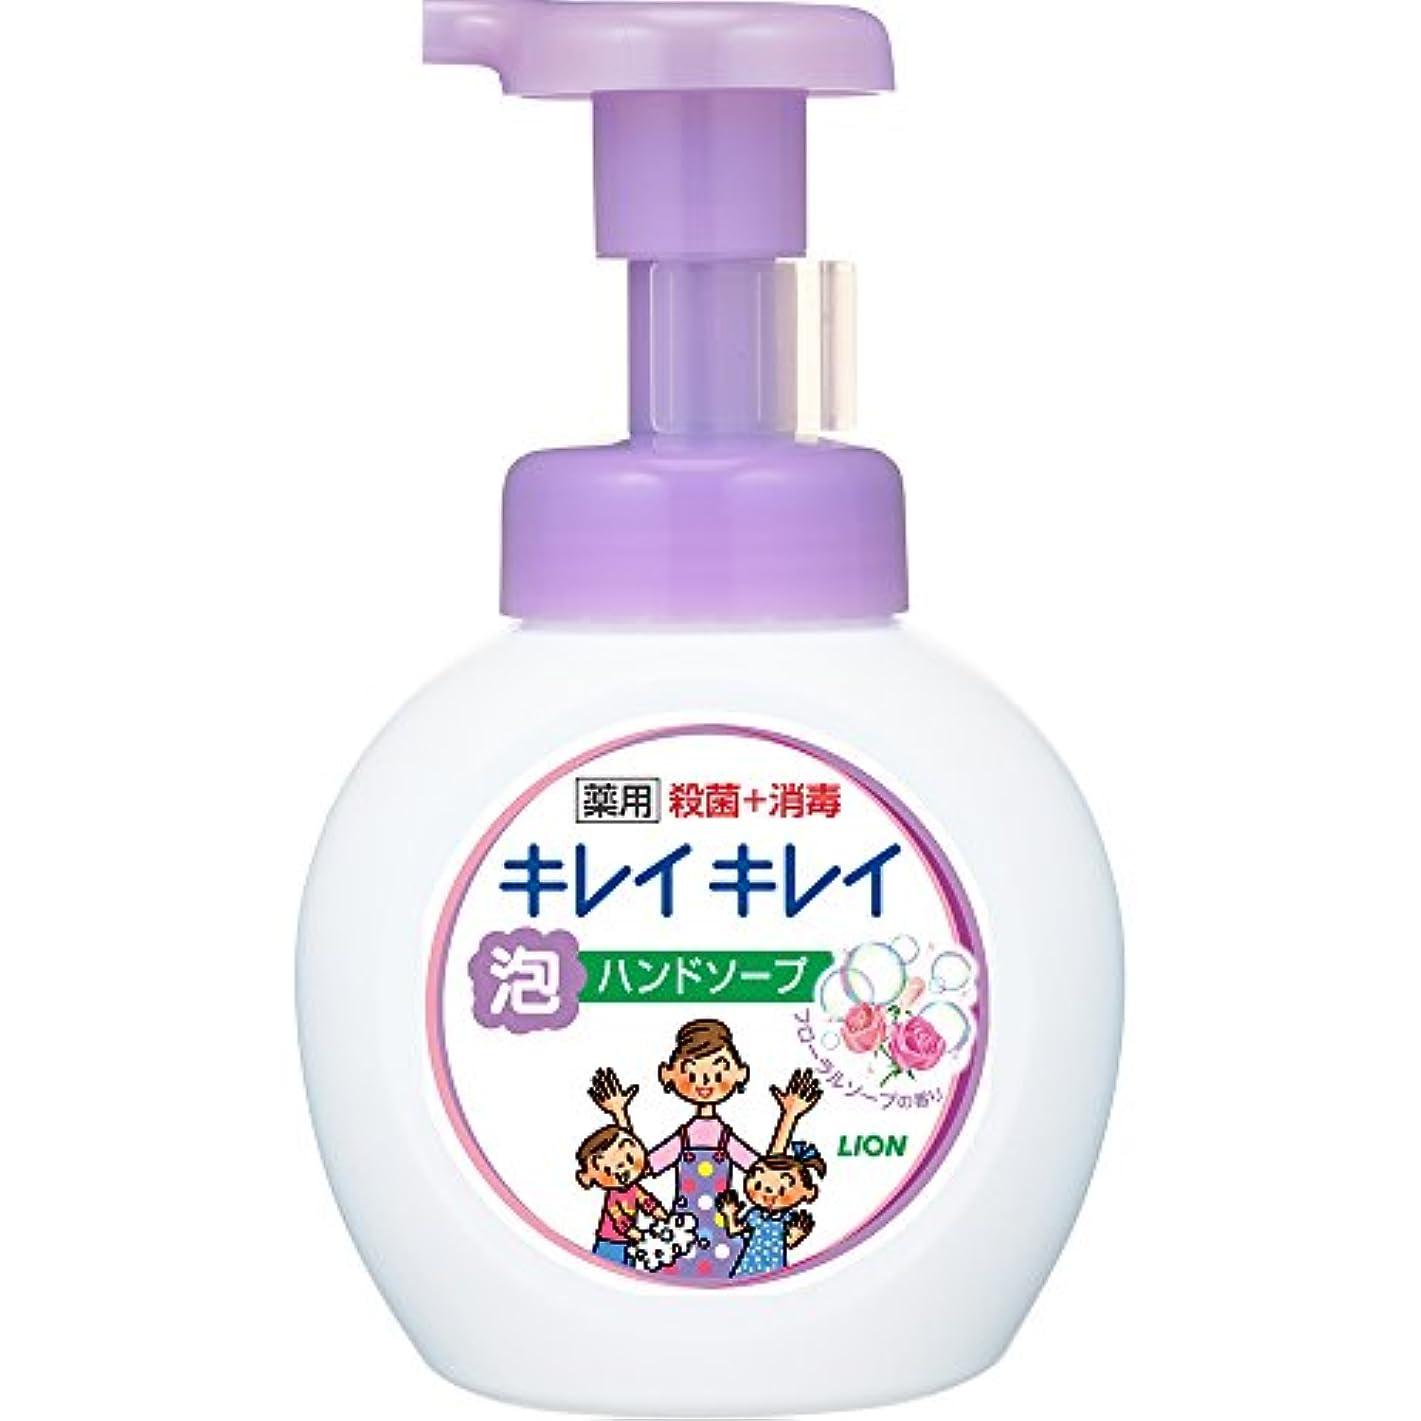 砂アウトドア軽量キレイキレイ 薬用 泡ハンドソープ フローラルソープの香り 本体ポンプ 250ml(医薬部外品)